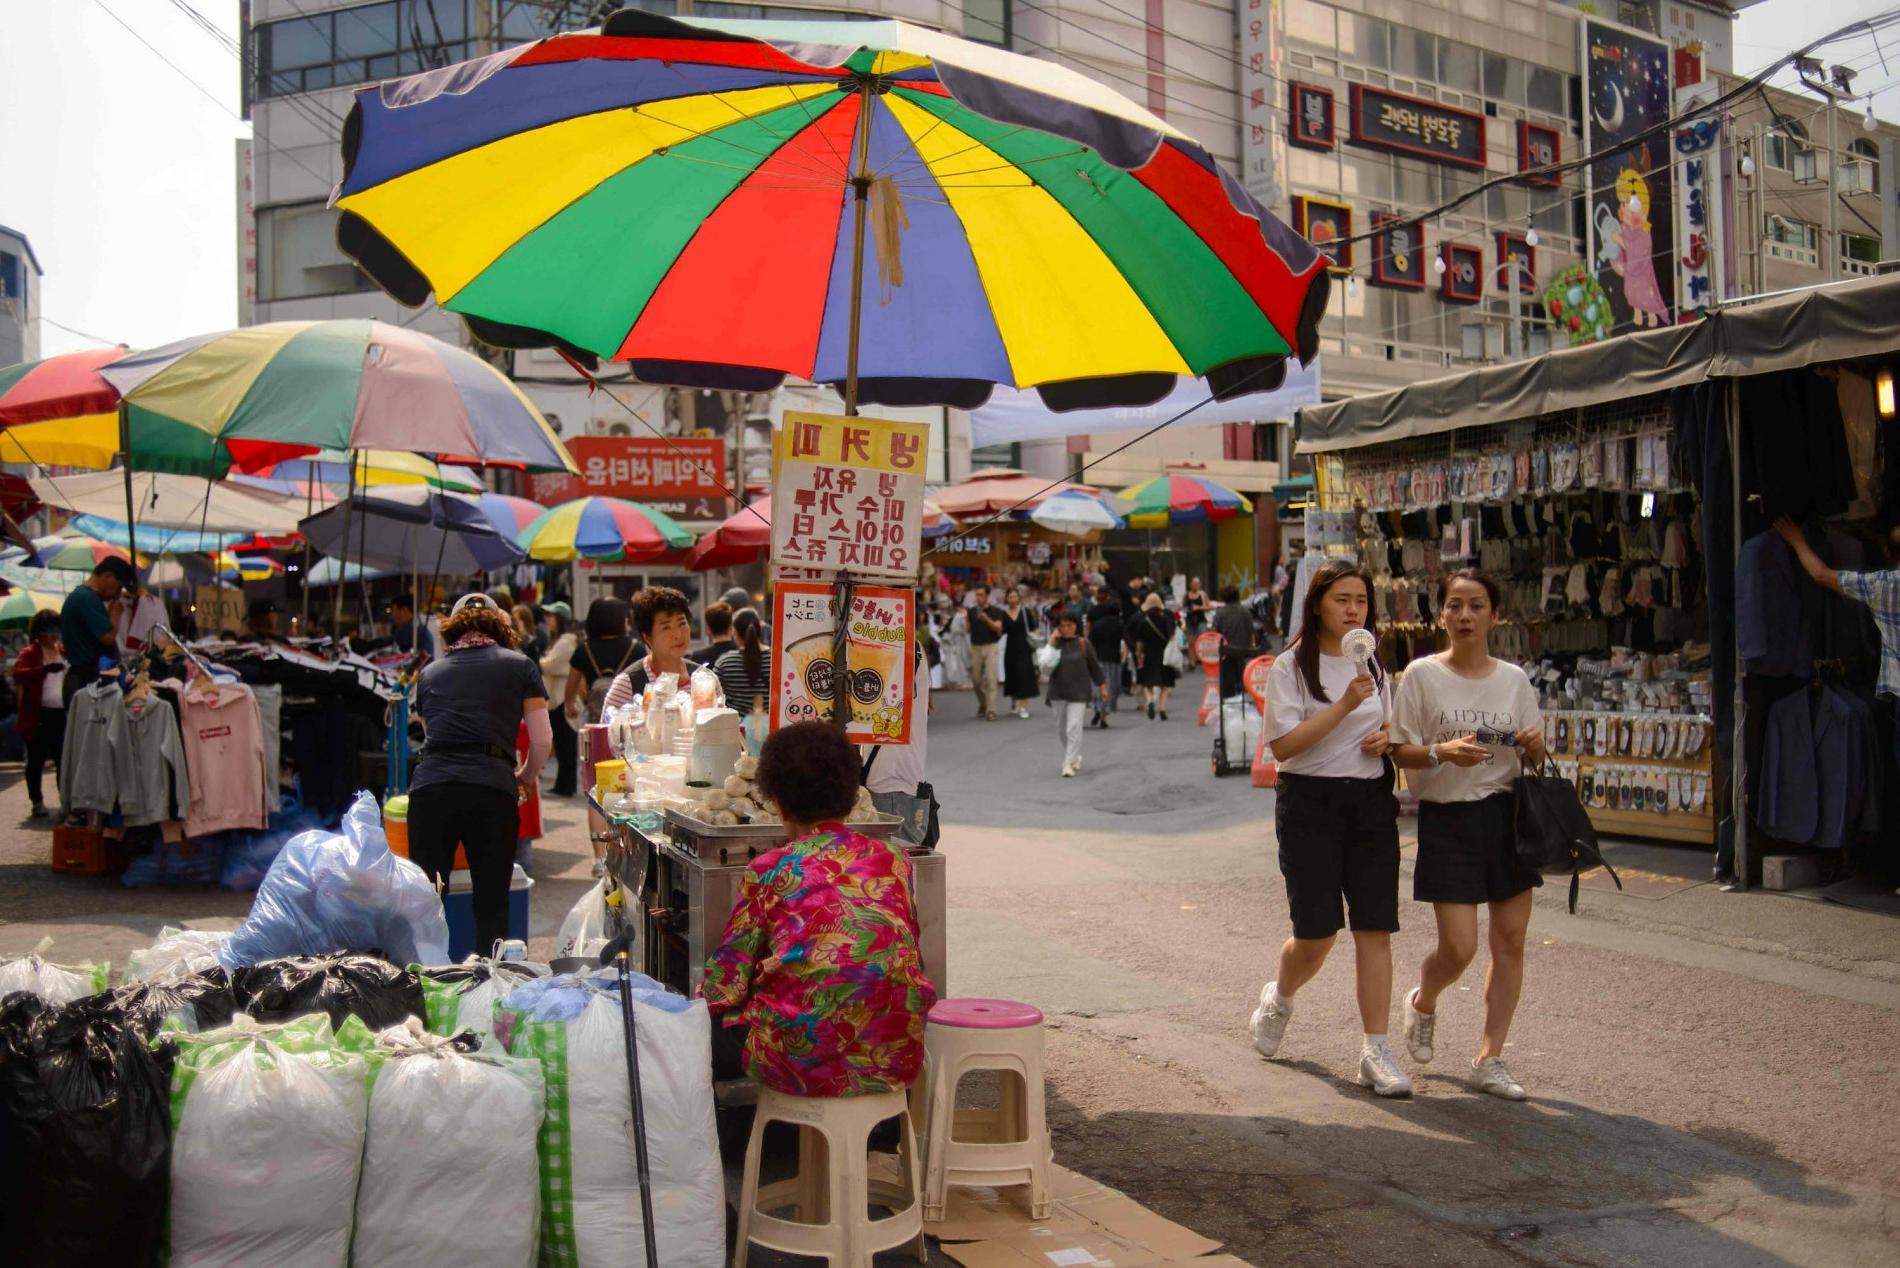 Hatten Market Umbrellas With 2020 Schwache Konjuktur: Südkorea Wird Beim Mindestlohn Vorsichtig (View 14 of 20)